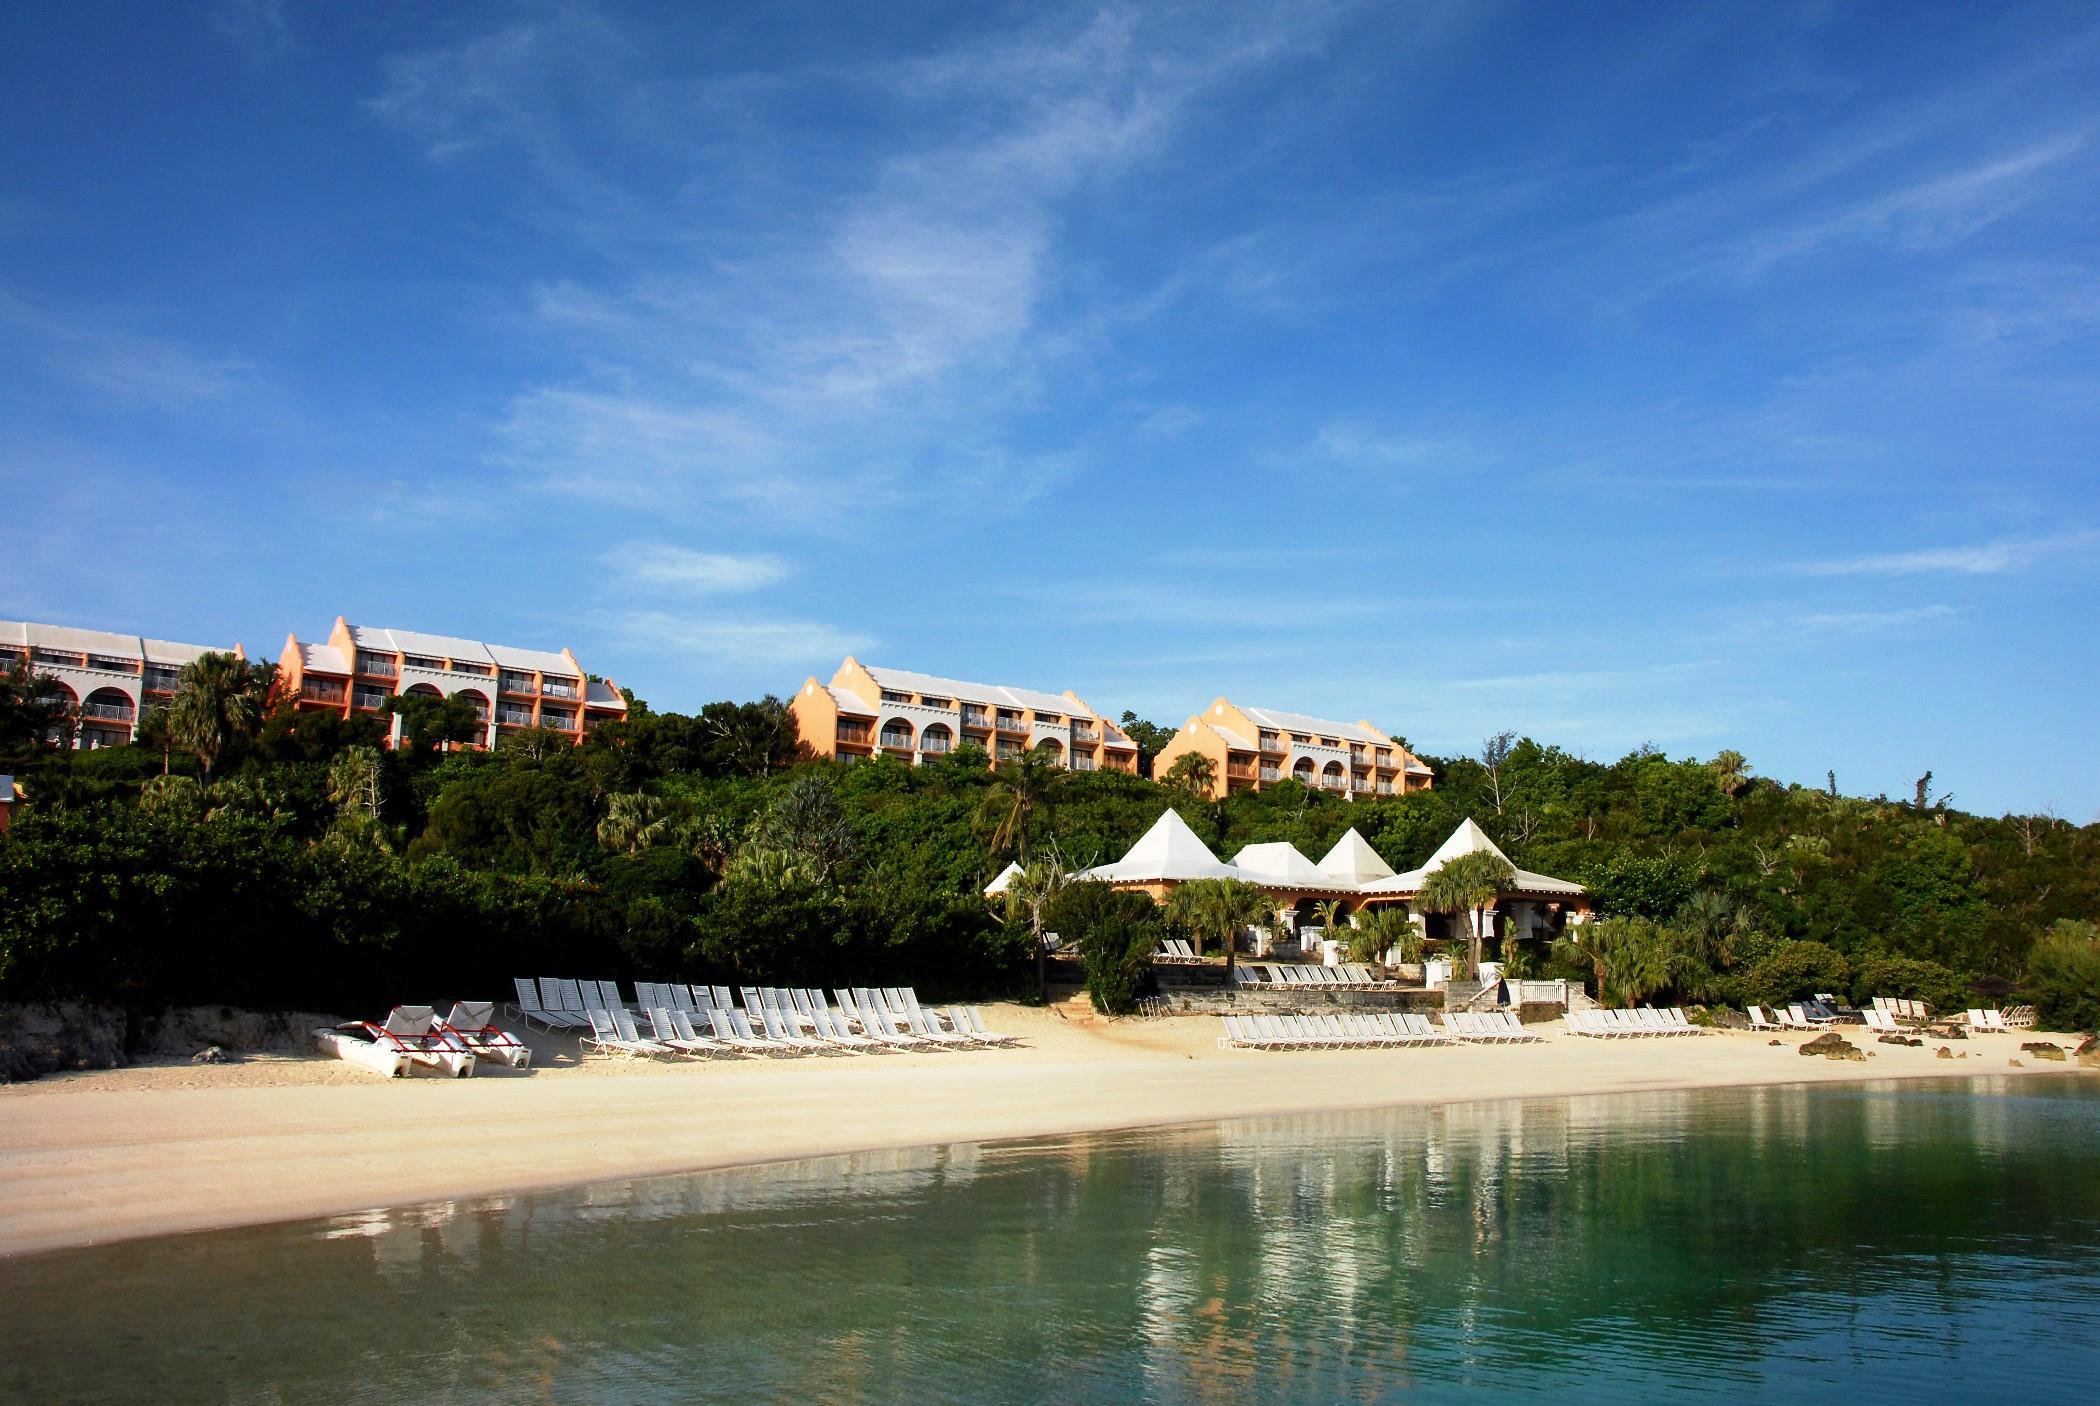 Grotto Bay Beach Resort Bermuda en Hamilton Parish